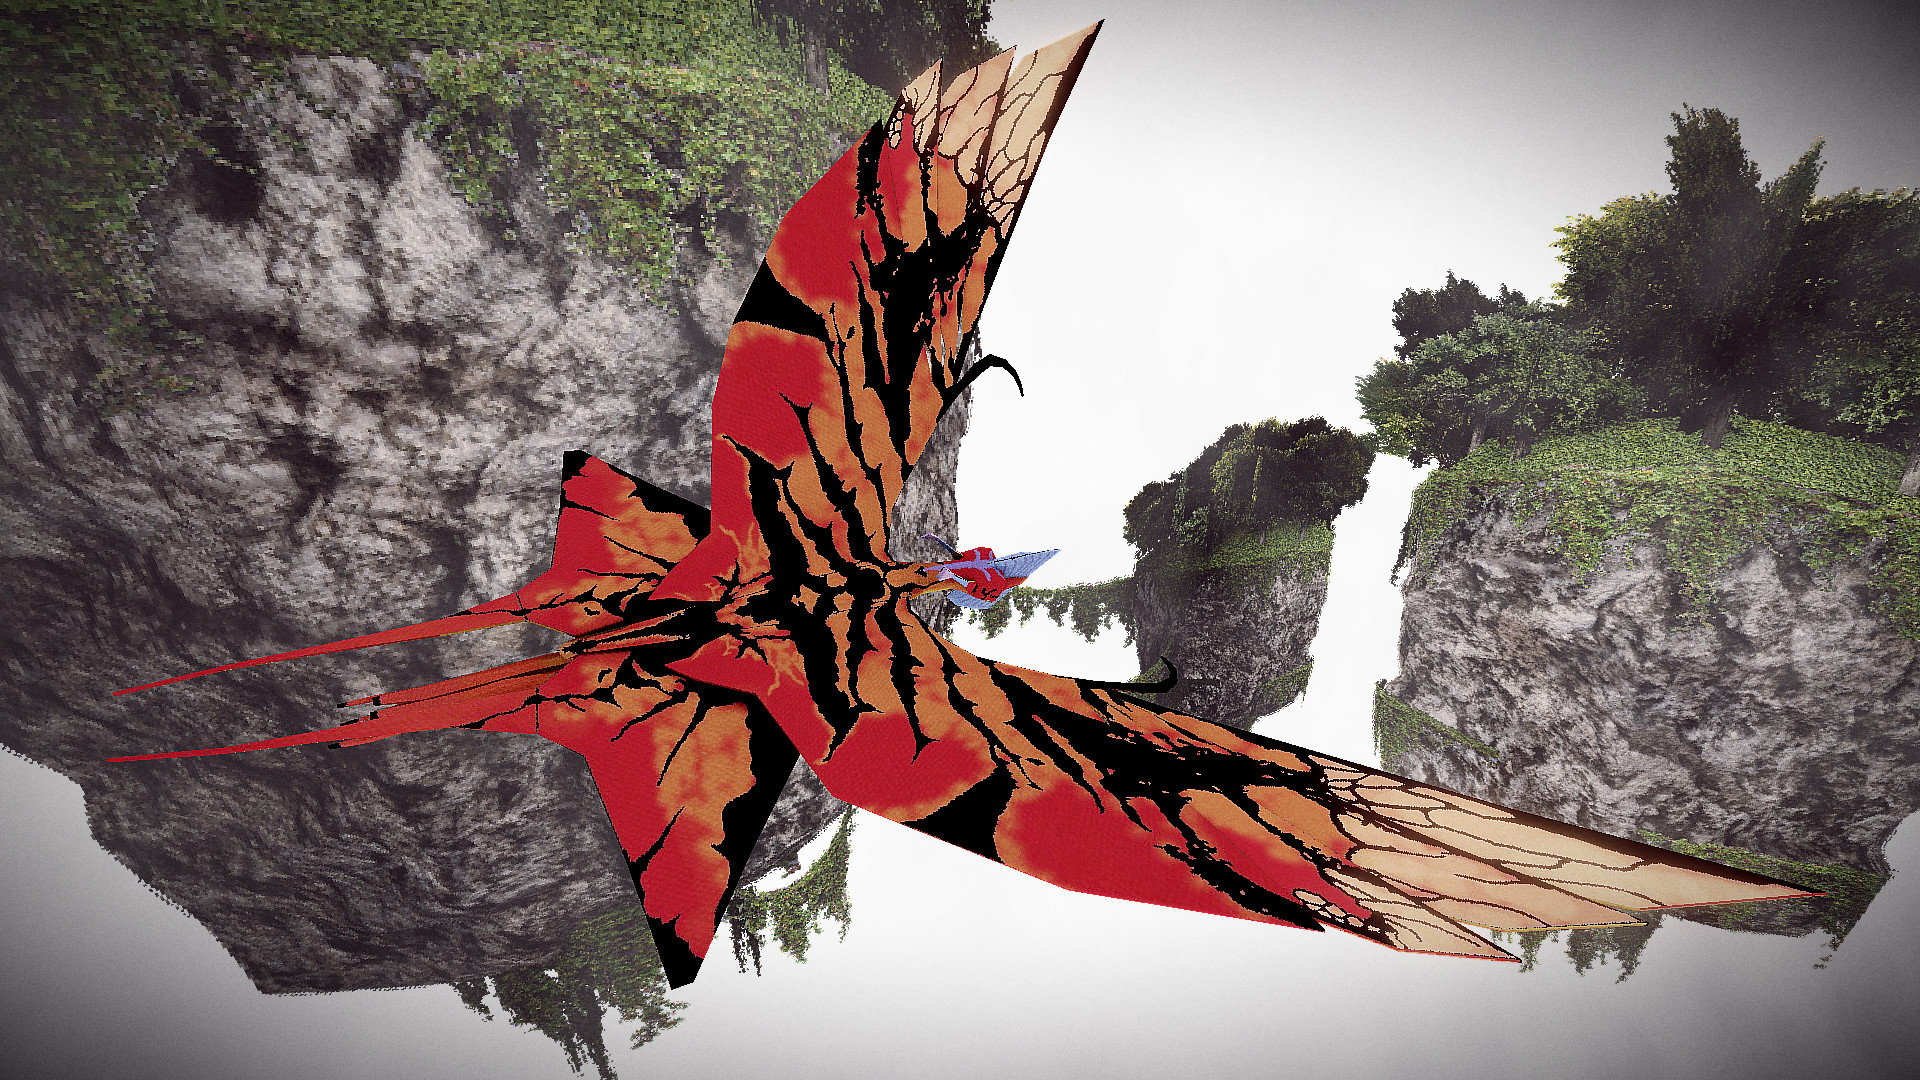 artstation - avatar - vr cockpit, iván batalla